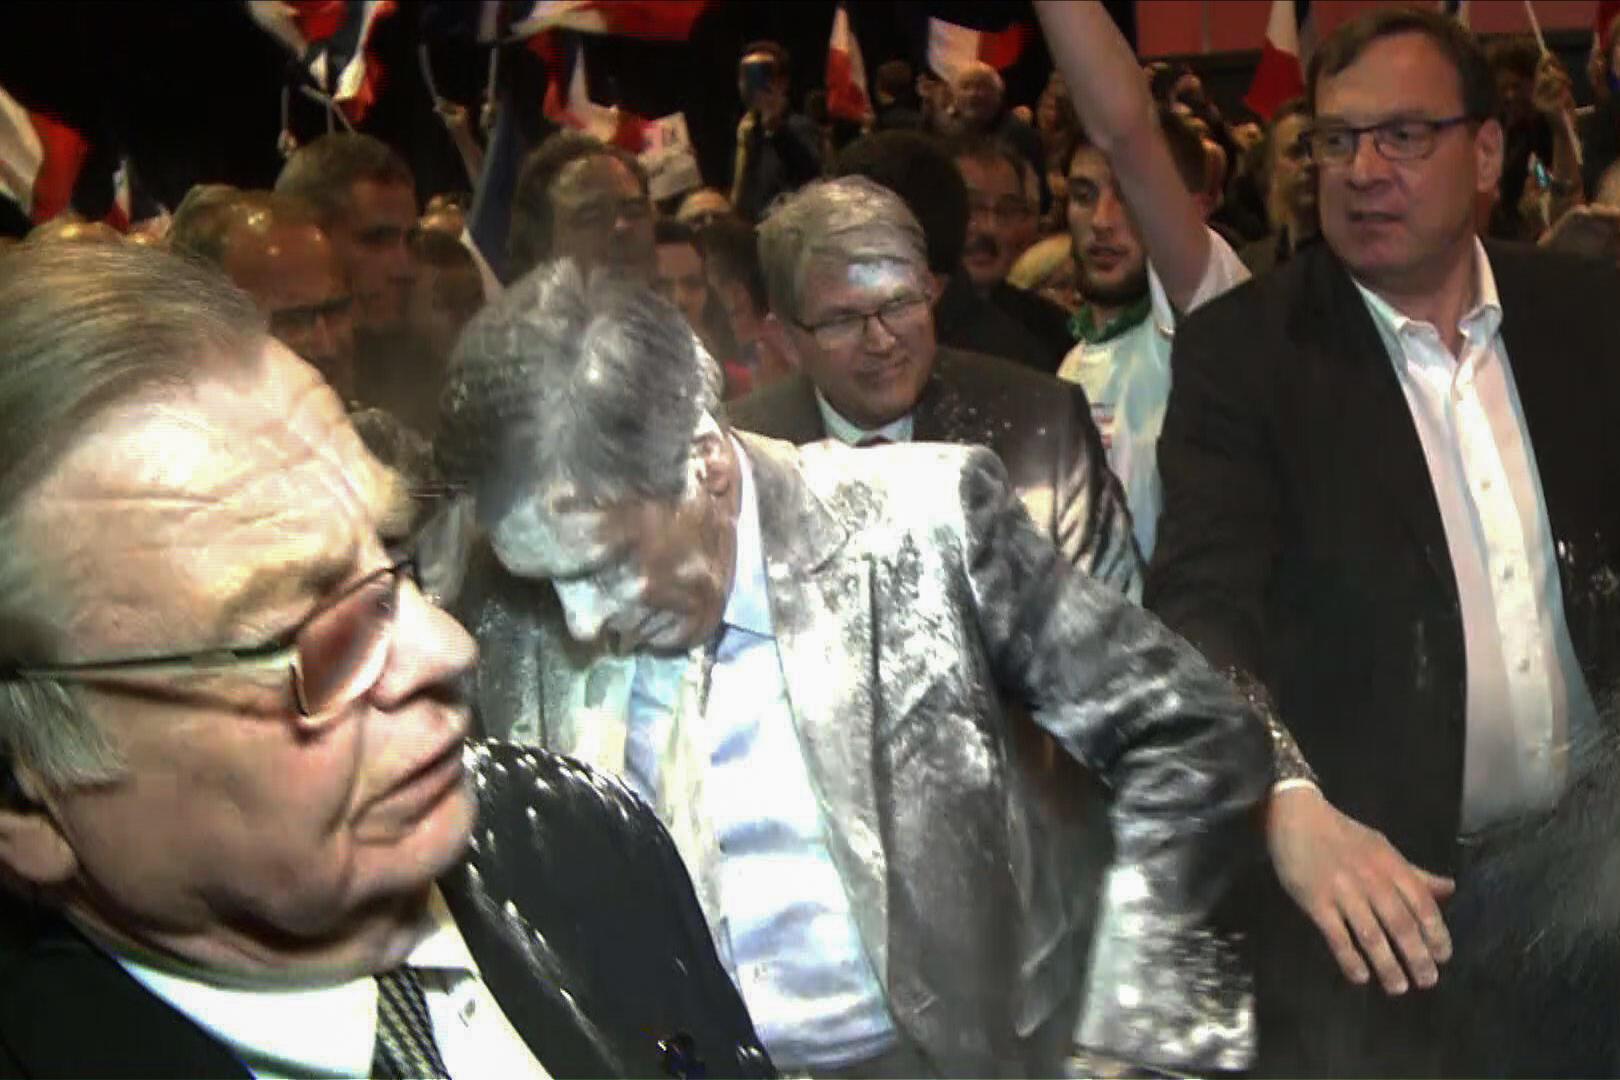 Le candidat de la droite et du centre a été enfariné lors d'un meeting à Strasbourg, le 7 avril 2017.